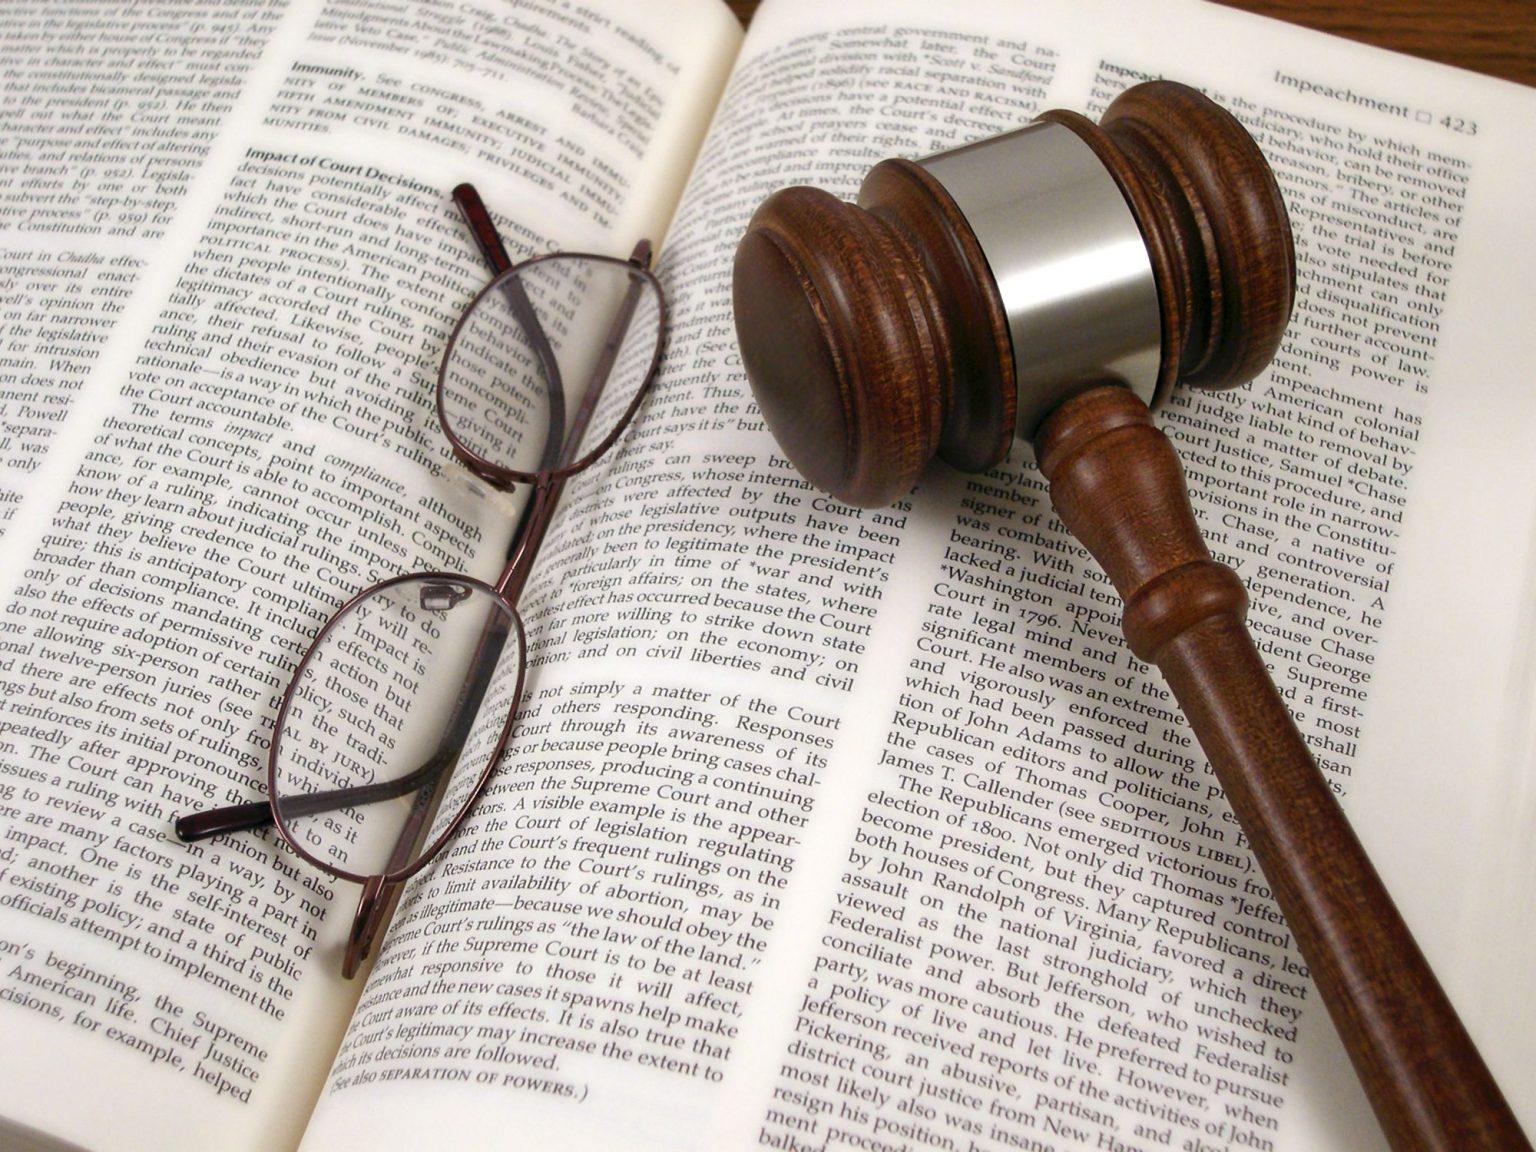 Licenciement pour faute : principe de l'autorité sur le civil de la chose jugée au pénal